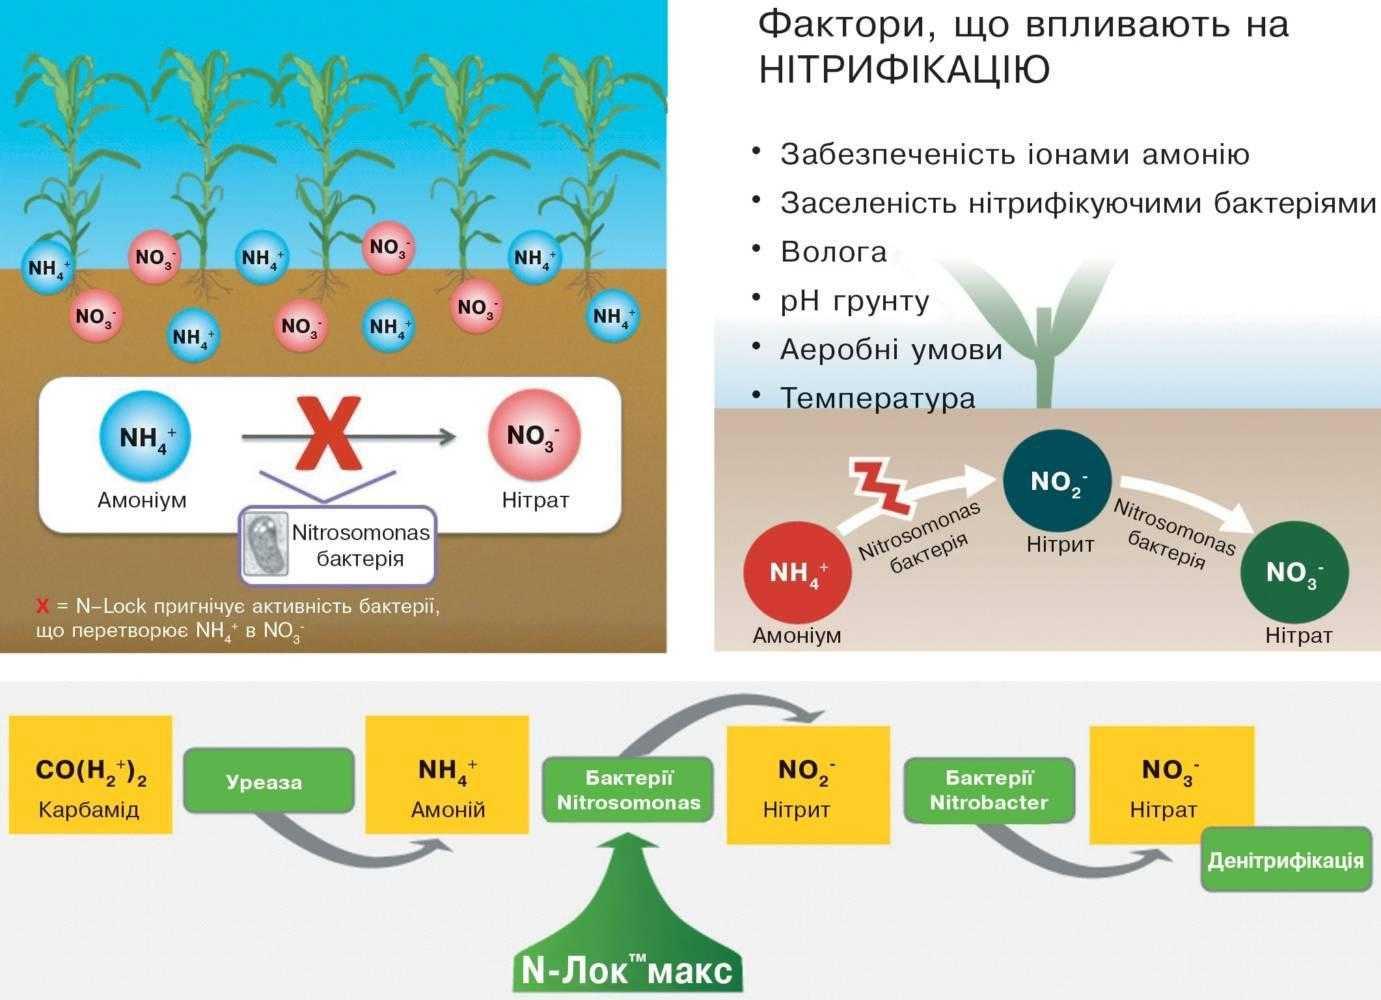 Перетворення амонію в нітрат – результат діяльності нітрифікуючих бактерій